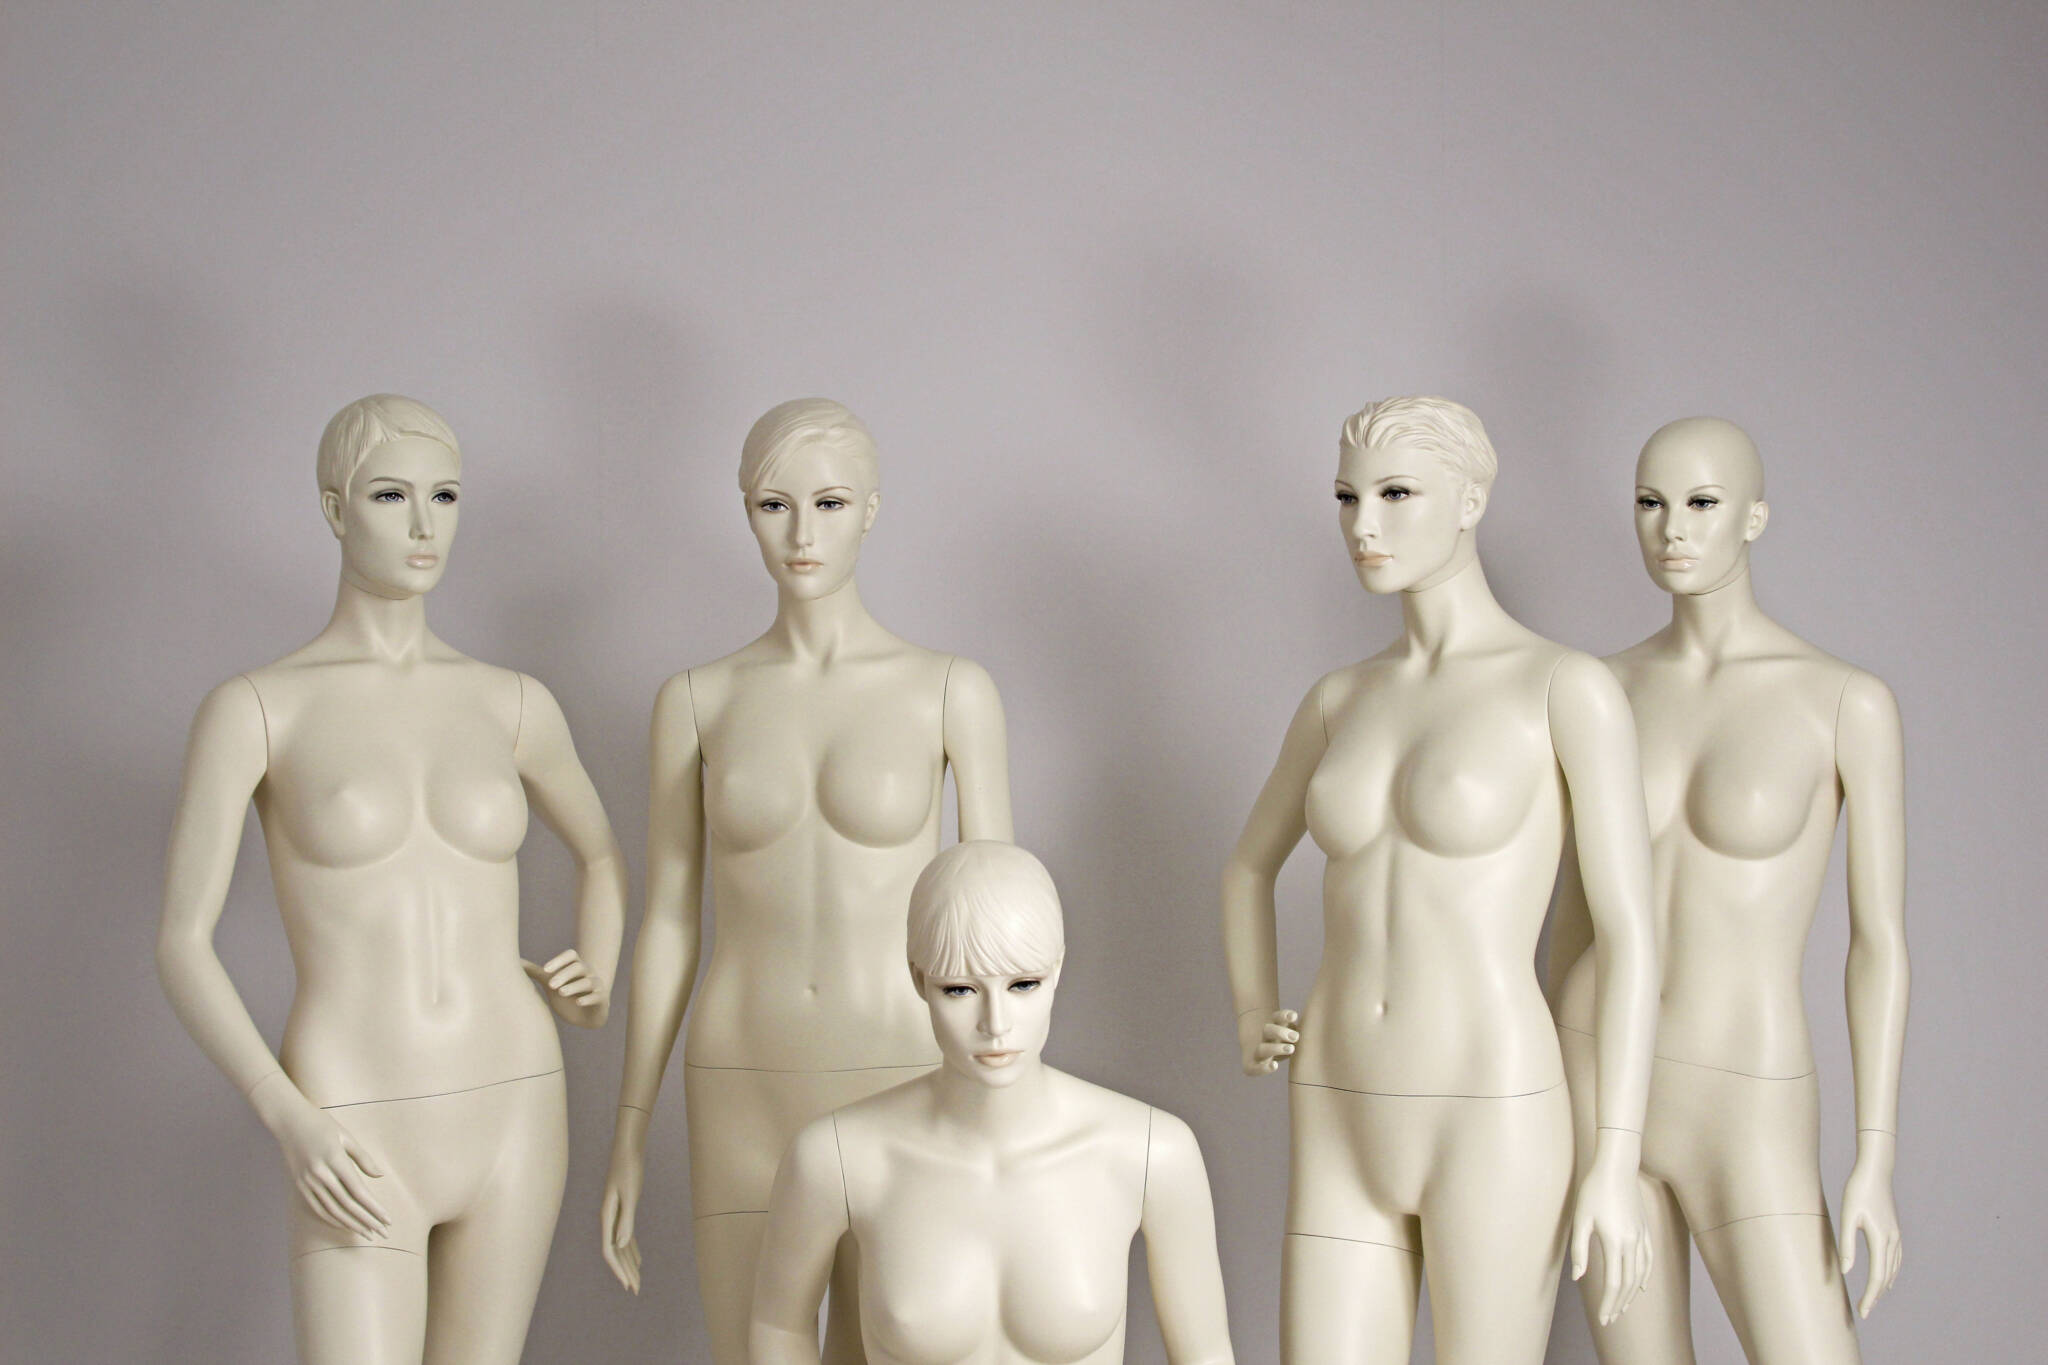 Forskellige mannequiner med samme type makeup